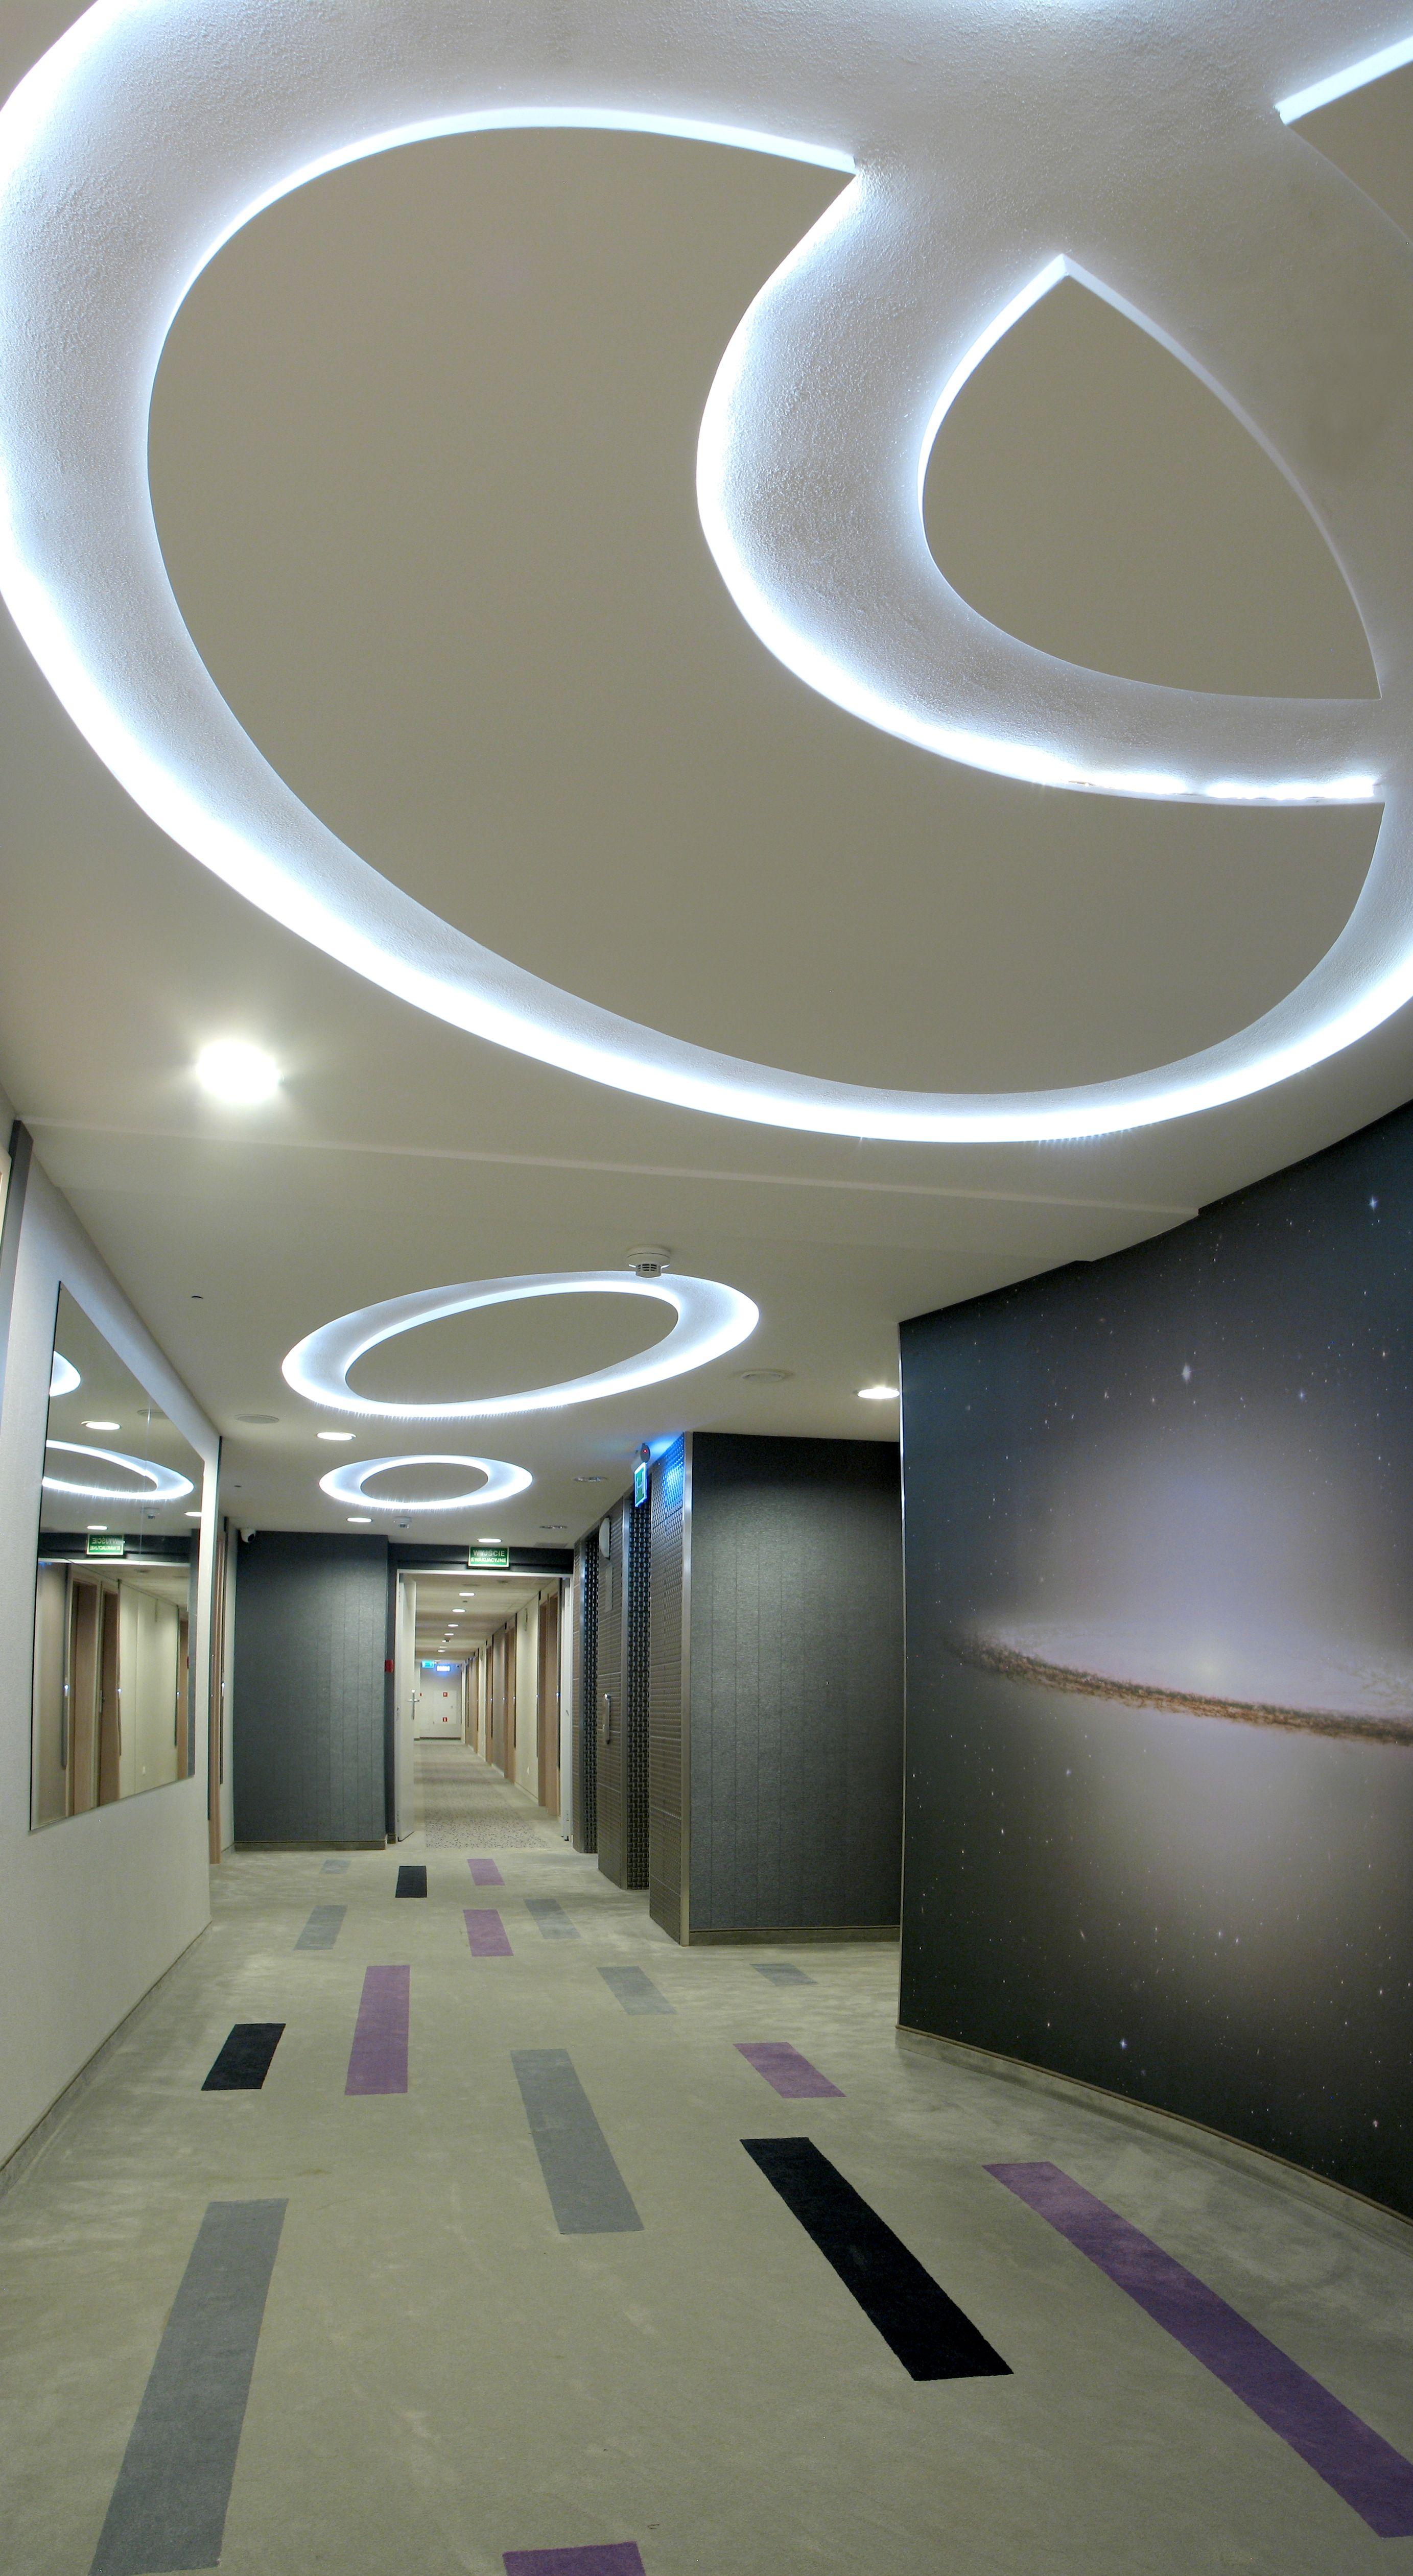 Corridor Design Ceiling: Hotel ****Galaxy, Kraków, Poland